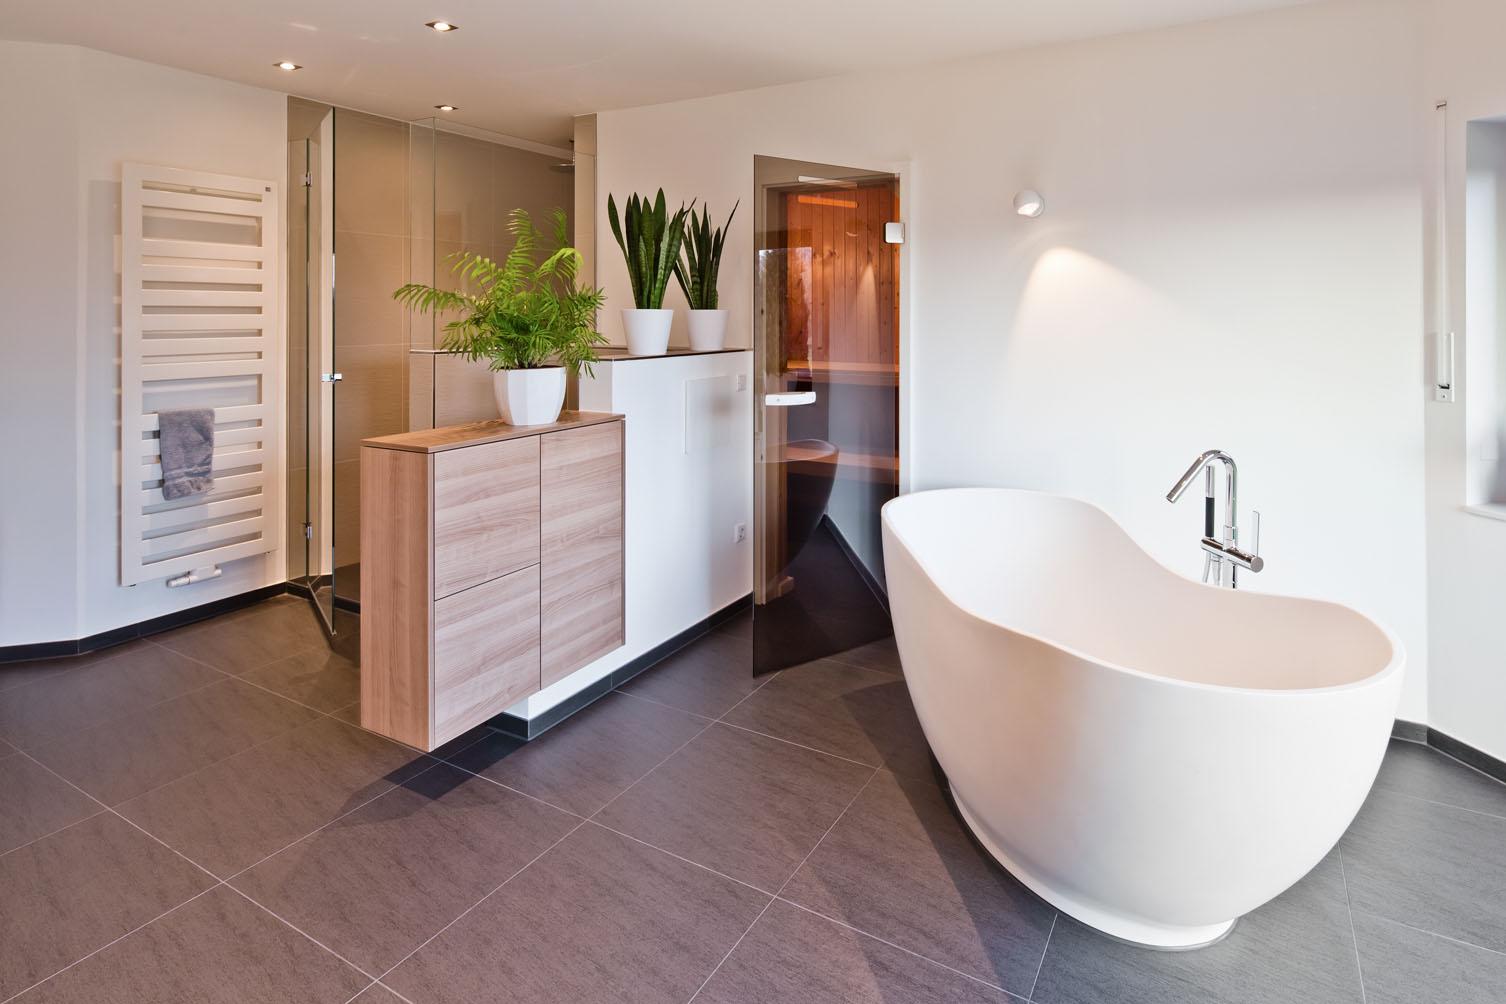 planung mit der raumfabrik immer ein verl sslicher partner. Black Bedroom Furniture Sets. Home Design Ideas